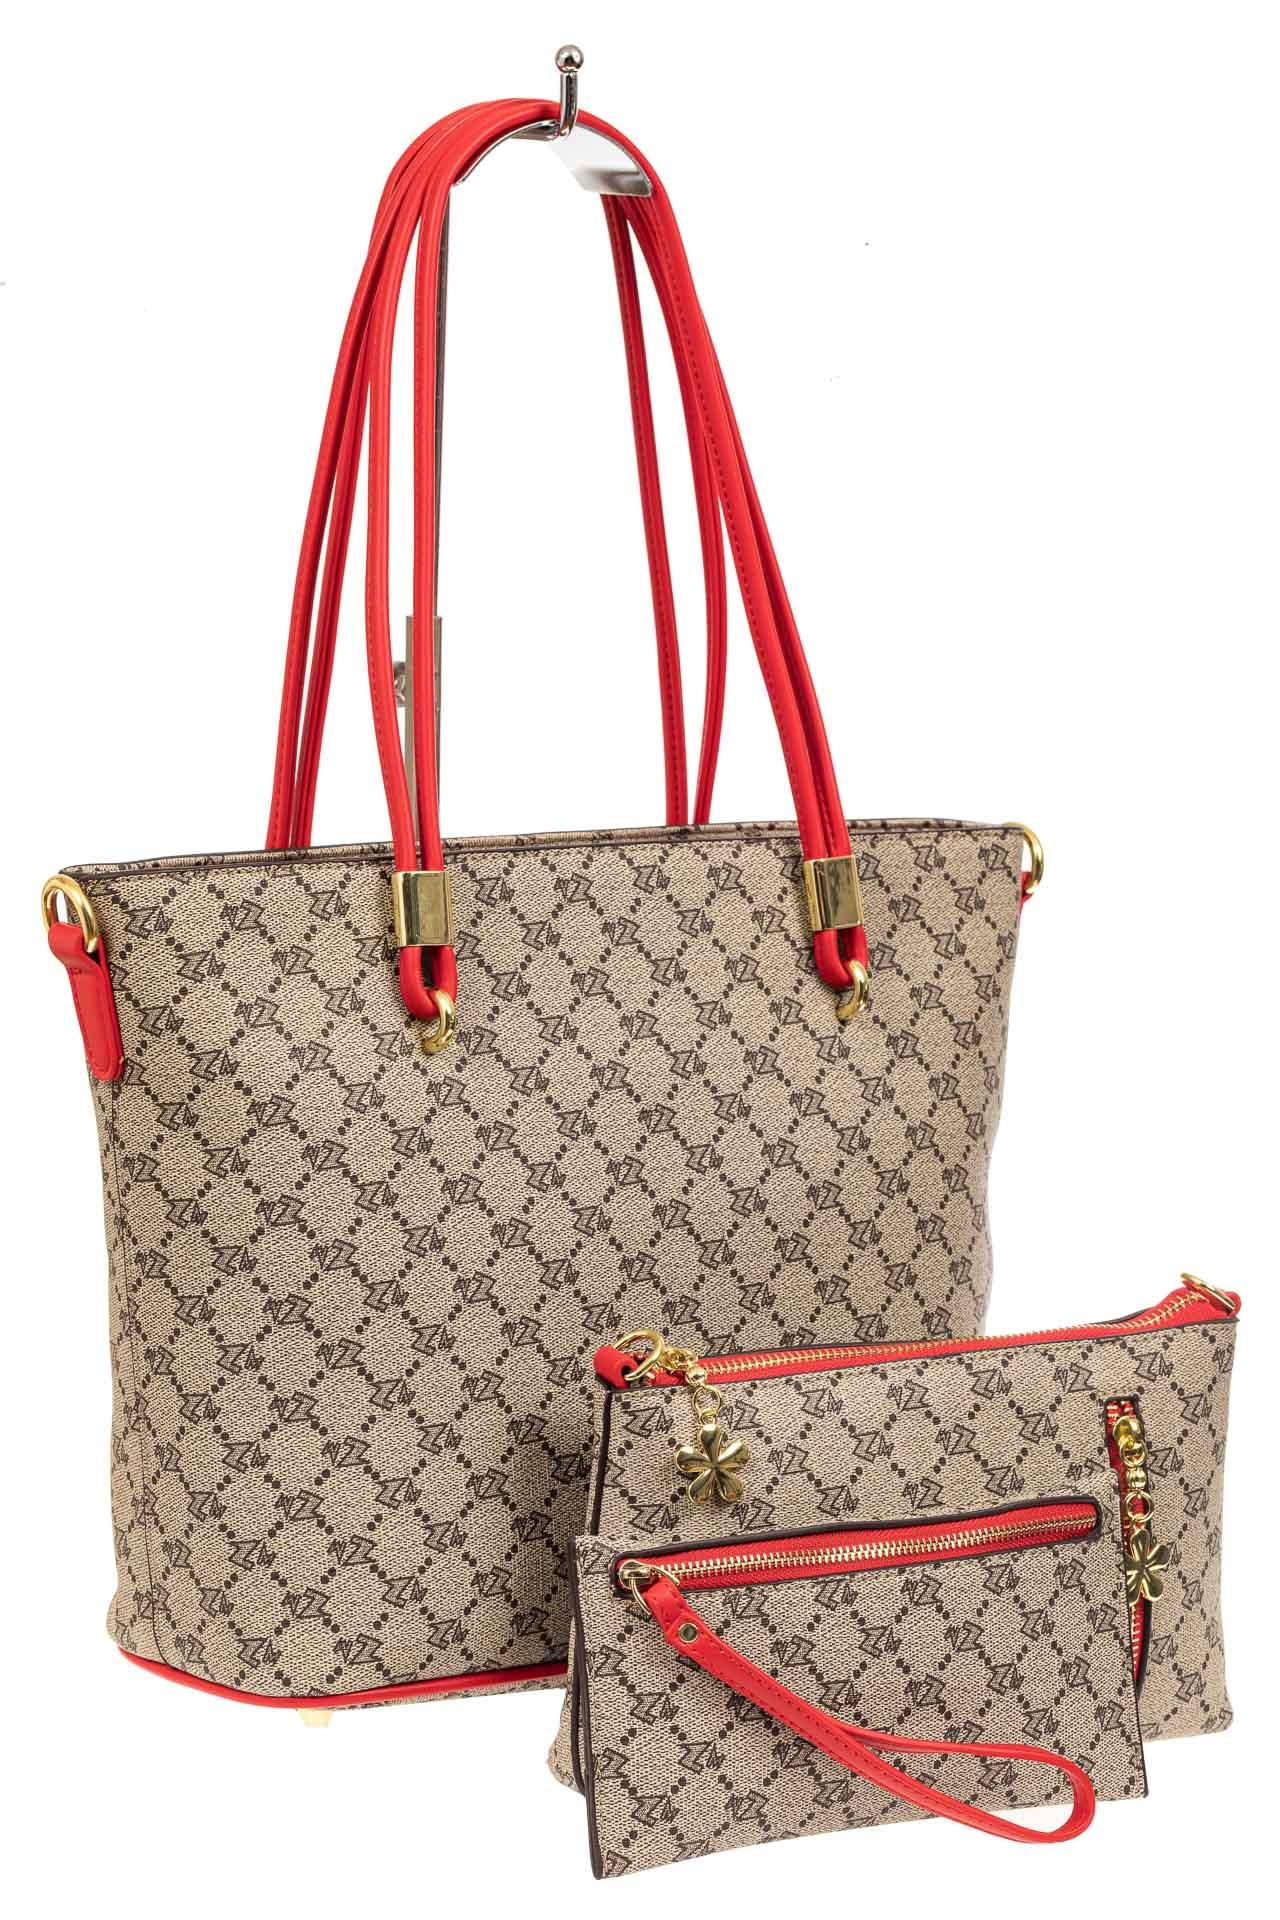 Женская сумка шоппер из искусственной кожи, цвет бежевыйA17236-1PJ0520/8